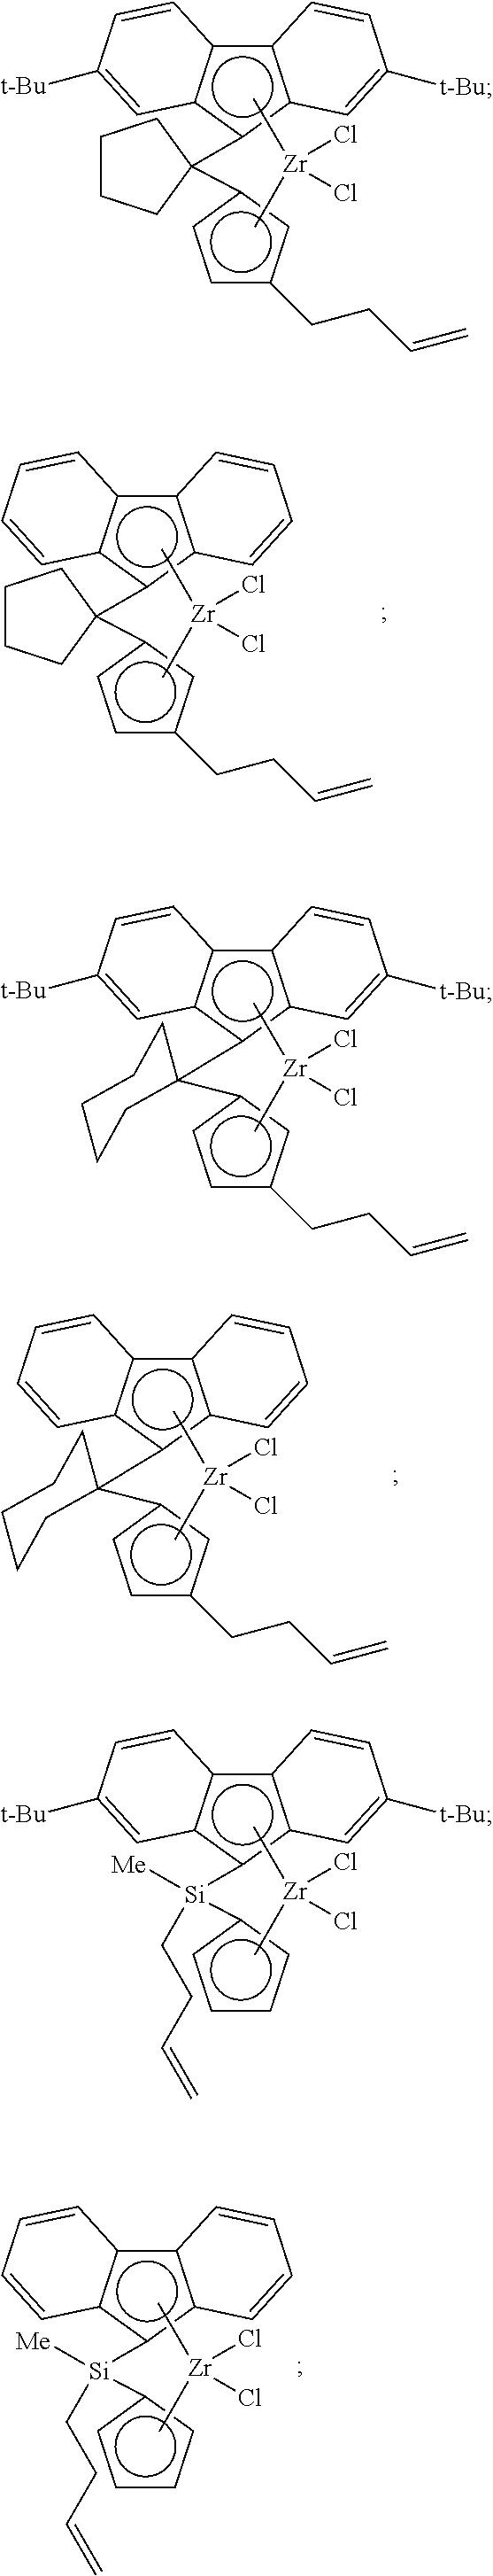 Figure US08329834-20121211-C00012